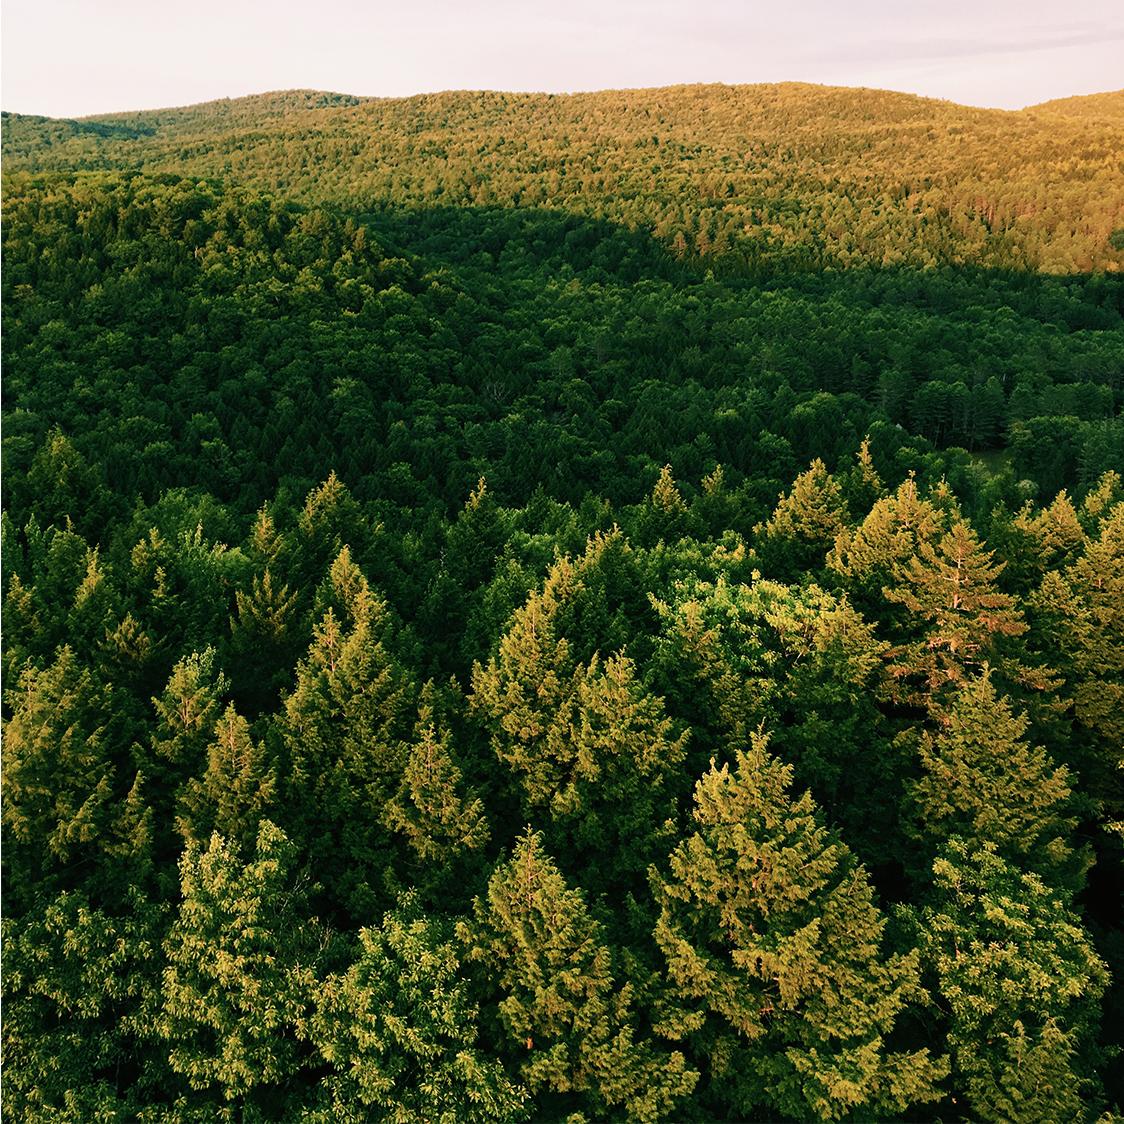 hot_air_balloon_aerial_view_trees.jpg